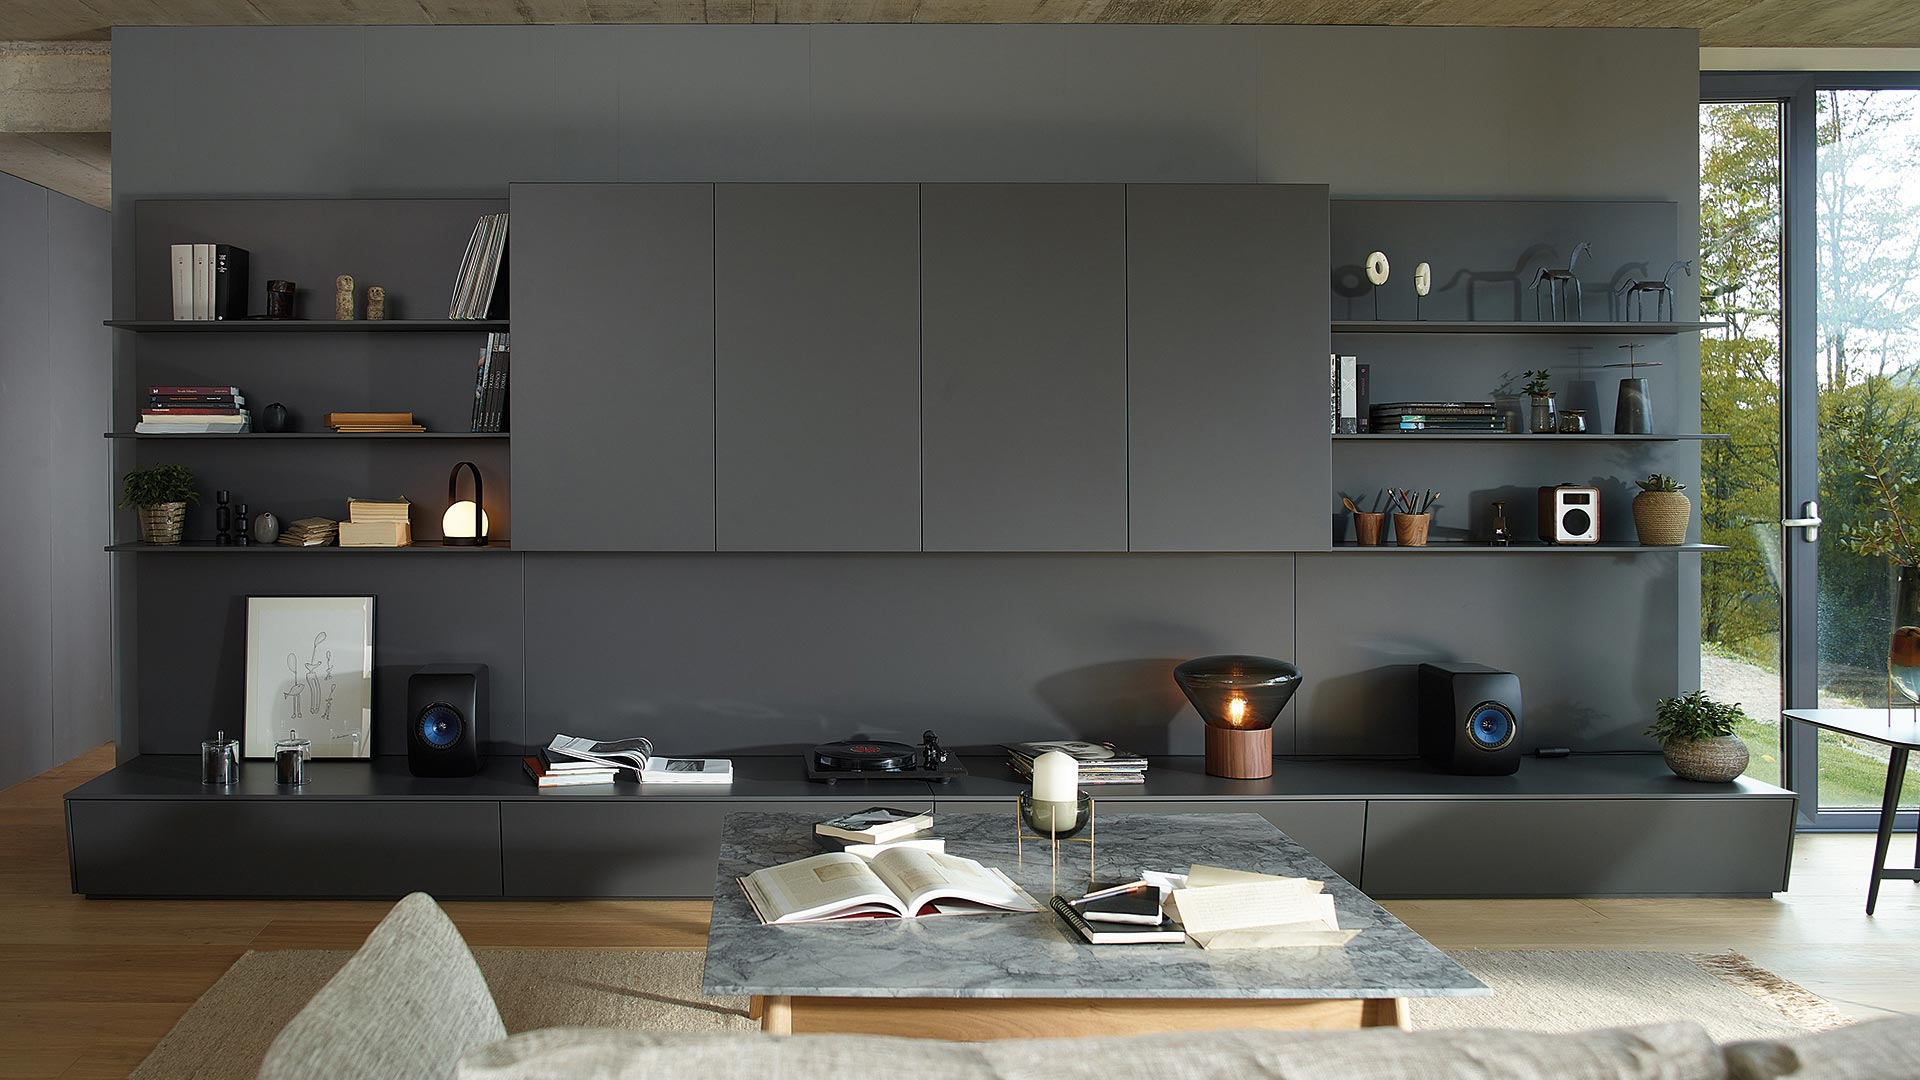 Muebles-salon-y-cocina-integrados-modulares-santos